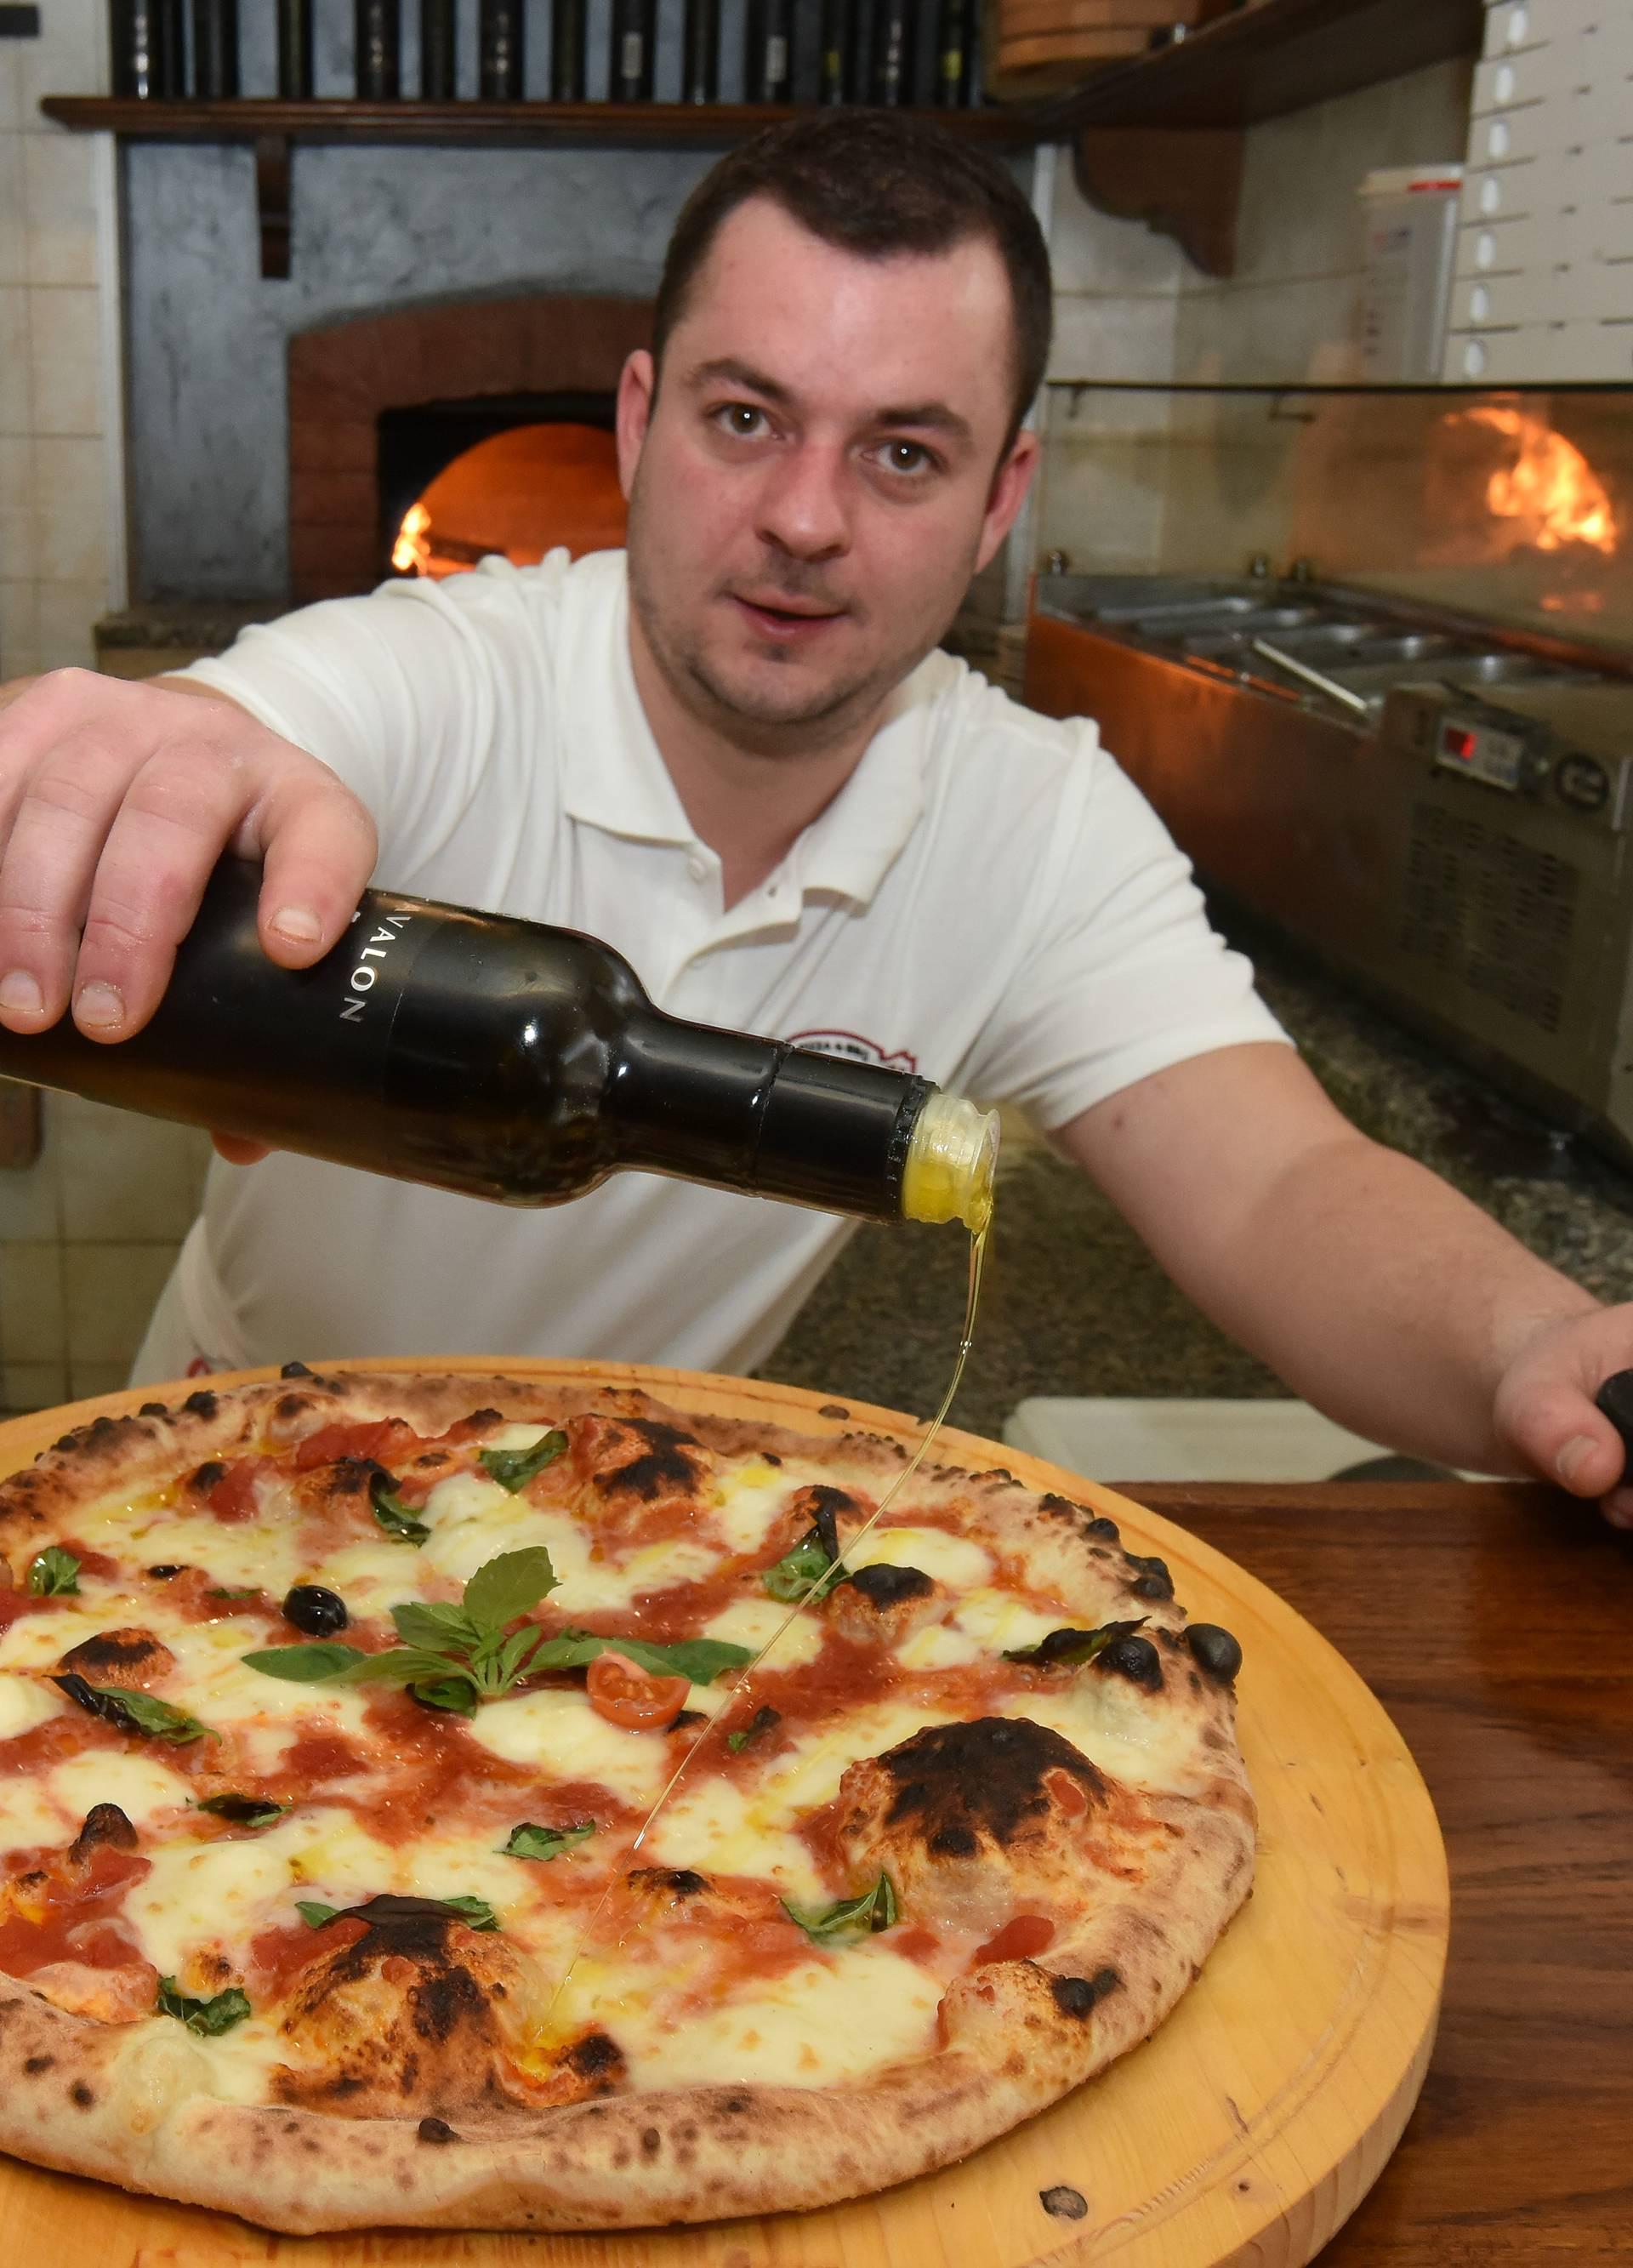 Državni prvak: Tijesto za pizzu treba 'odmarati' barem 18 sati